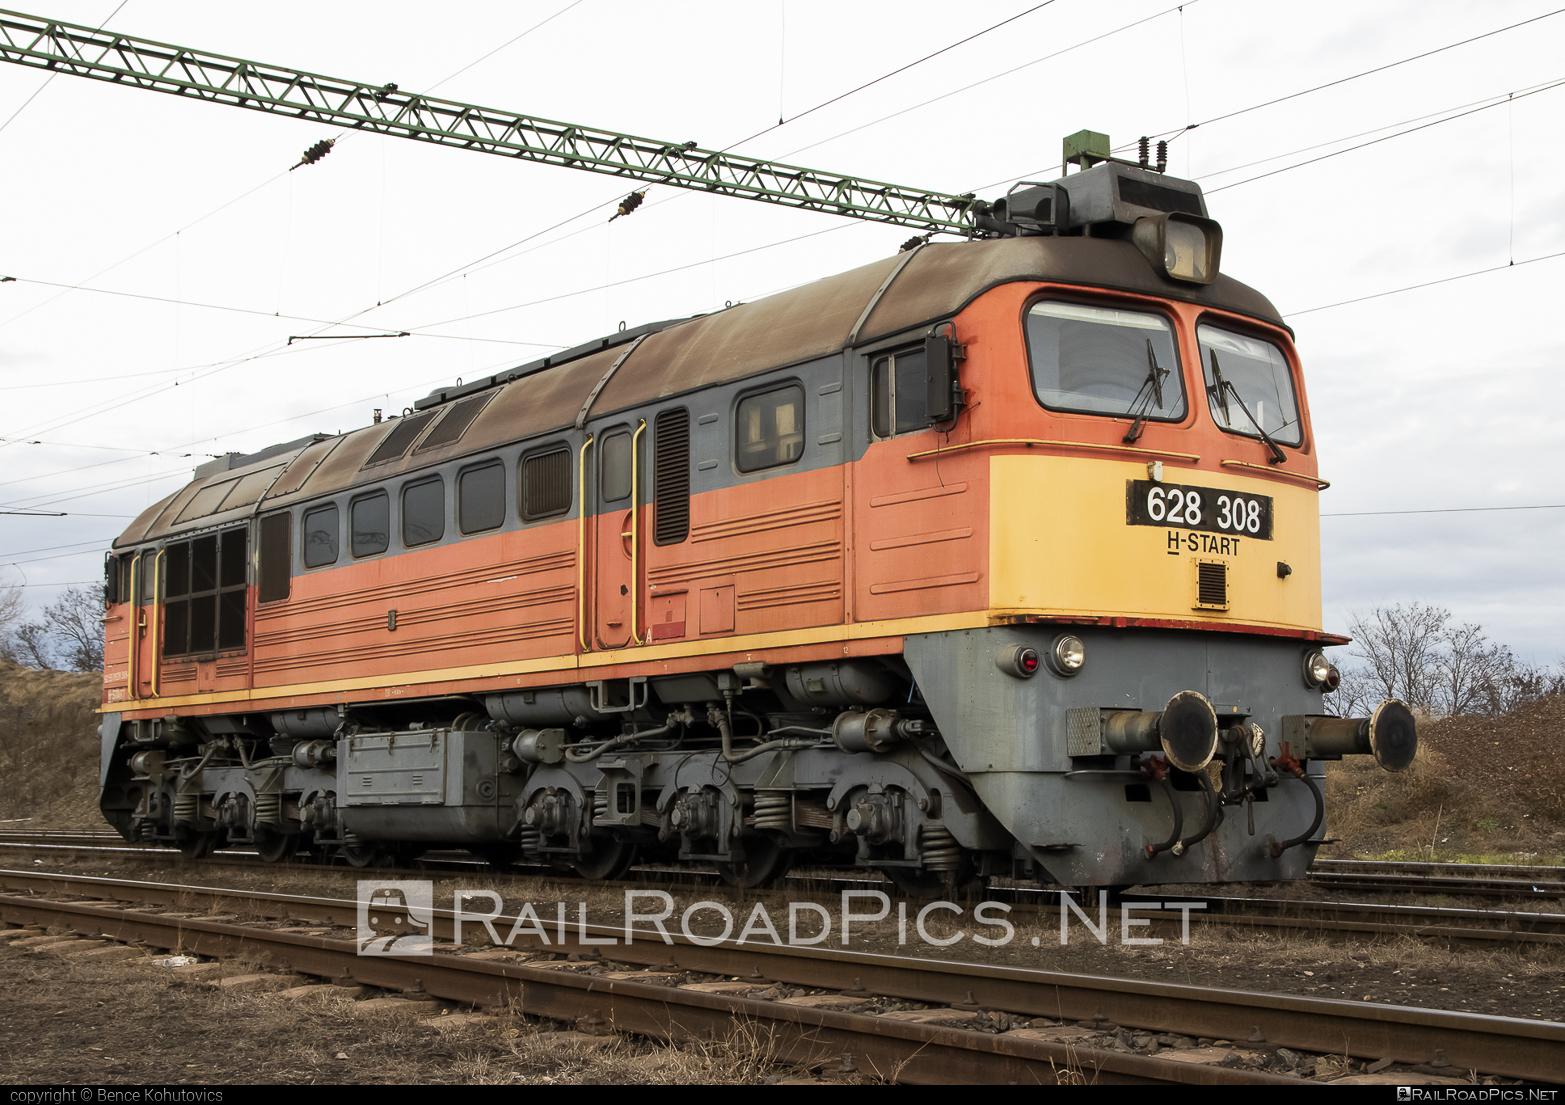 Lugansk M62 - 628 308 operated by Magyar Államvasutak ZRt. #locomotivem62 #ltz #ltzm62 #lugansk #luganskteplovoz #luhansklocomotiveworks #luhanskm62 #luhanskteplovoz #m62 #m62locomotive #magyarallamvasutak #magyarallamvasutakzrt #mav